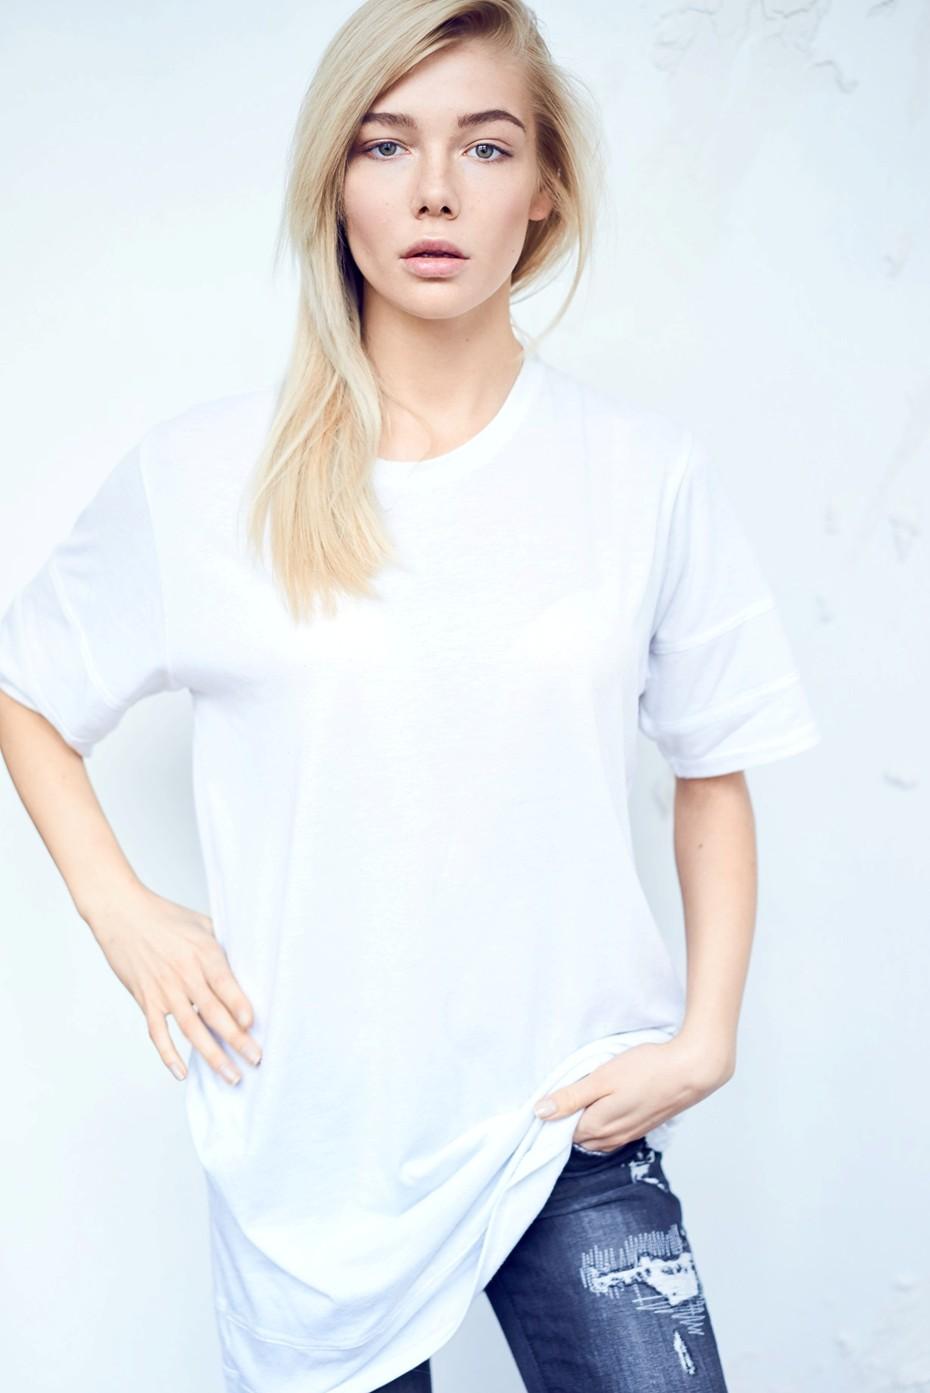 Anastasia Belotskaya jeans 2